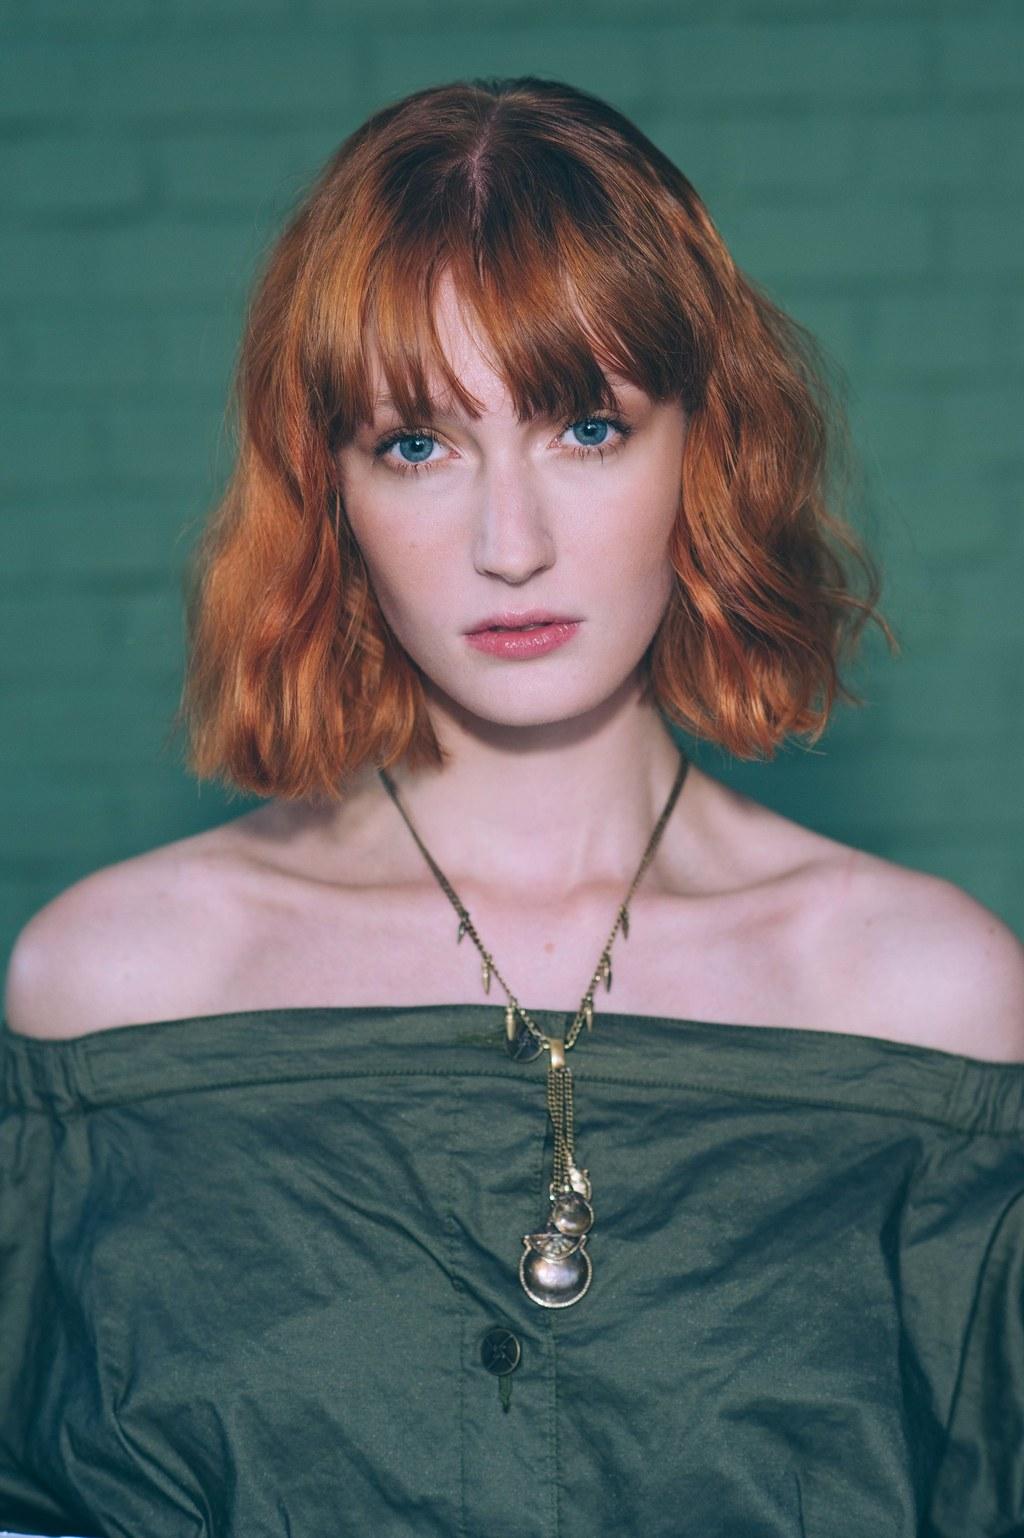 Короткая стрижка 2018 для рыжих волос